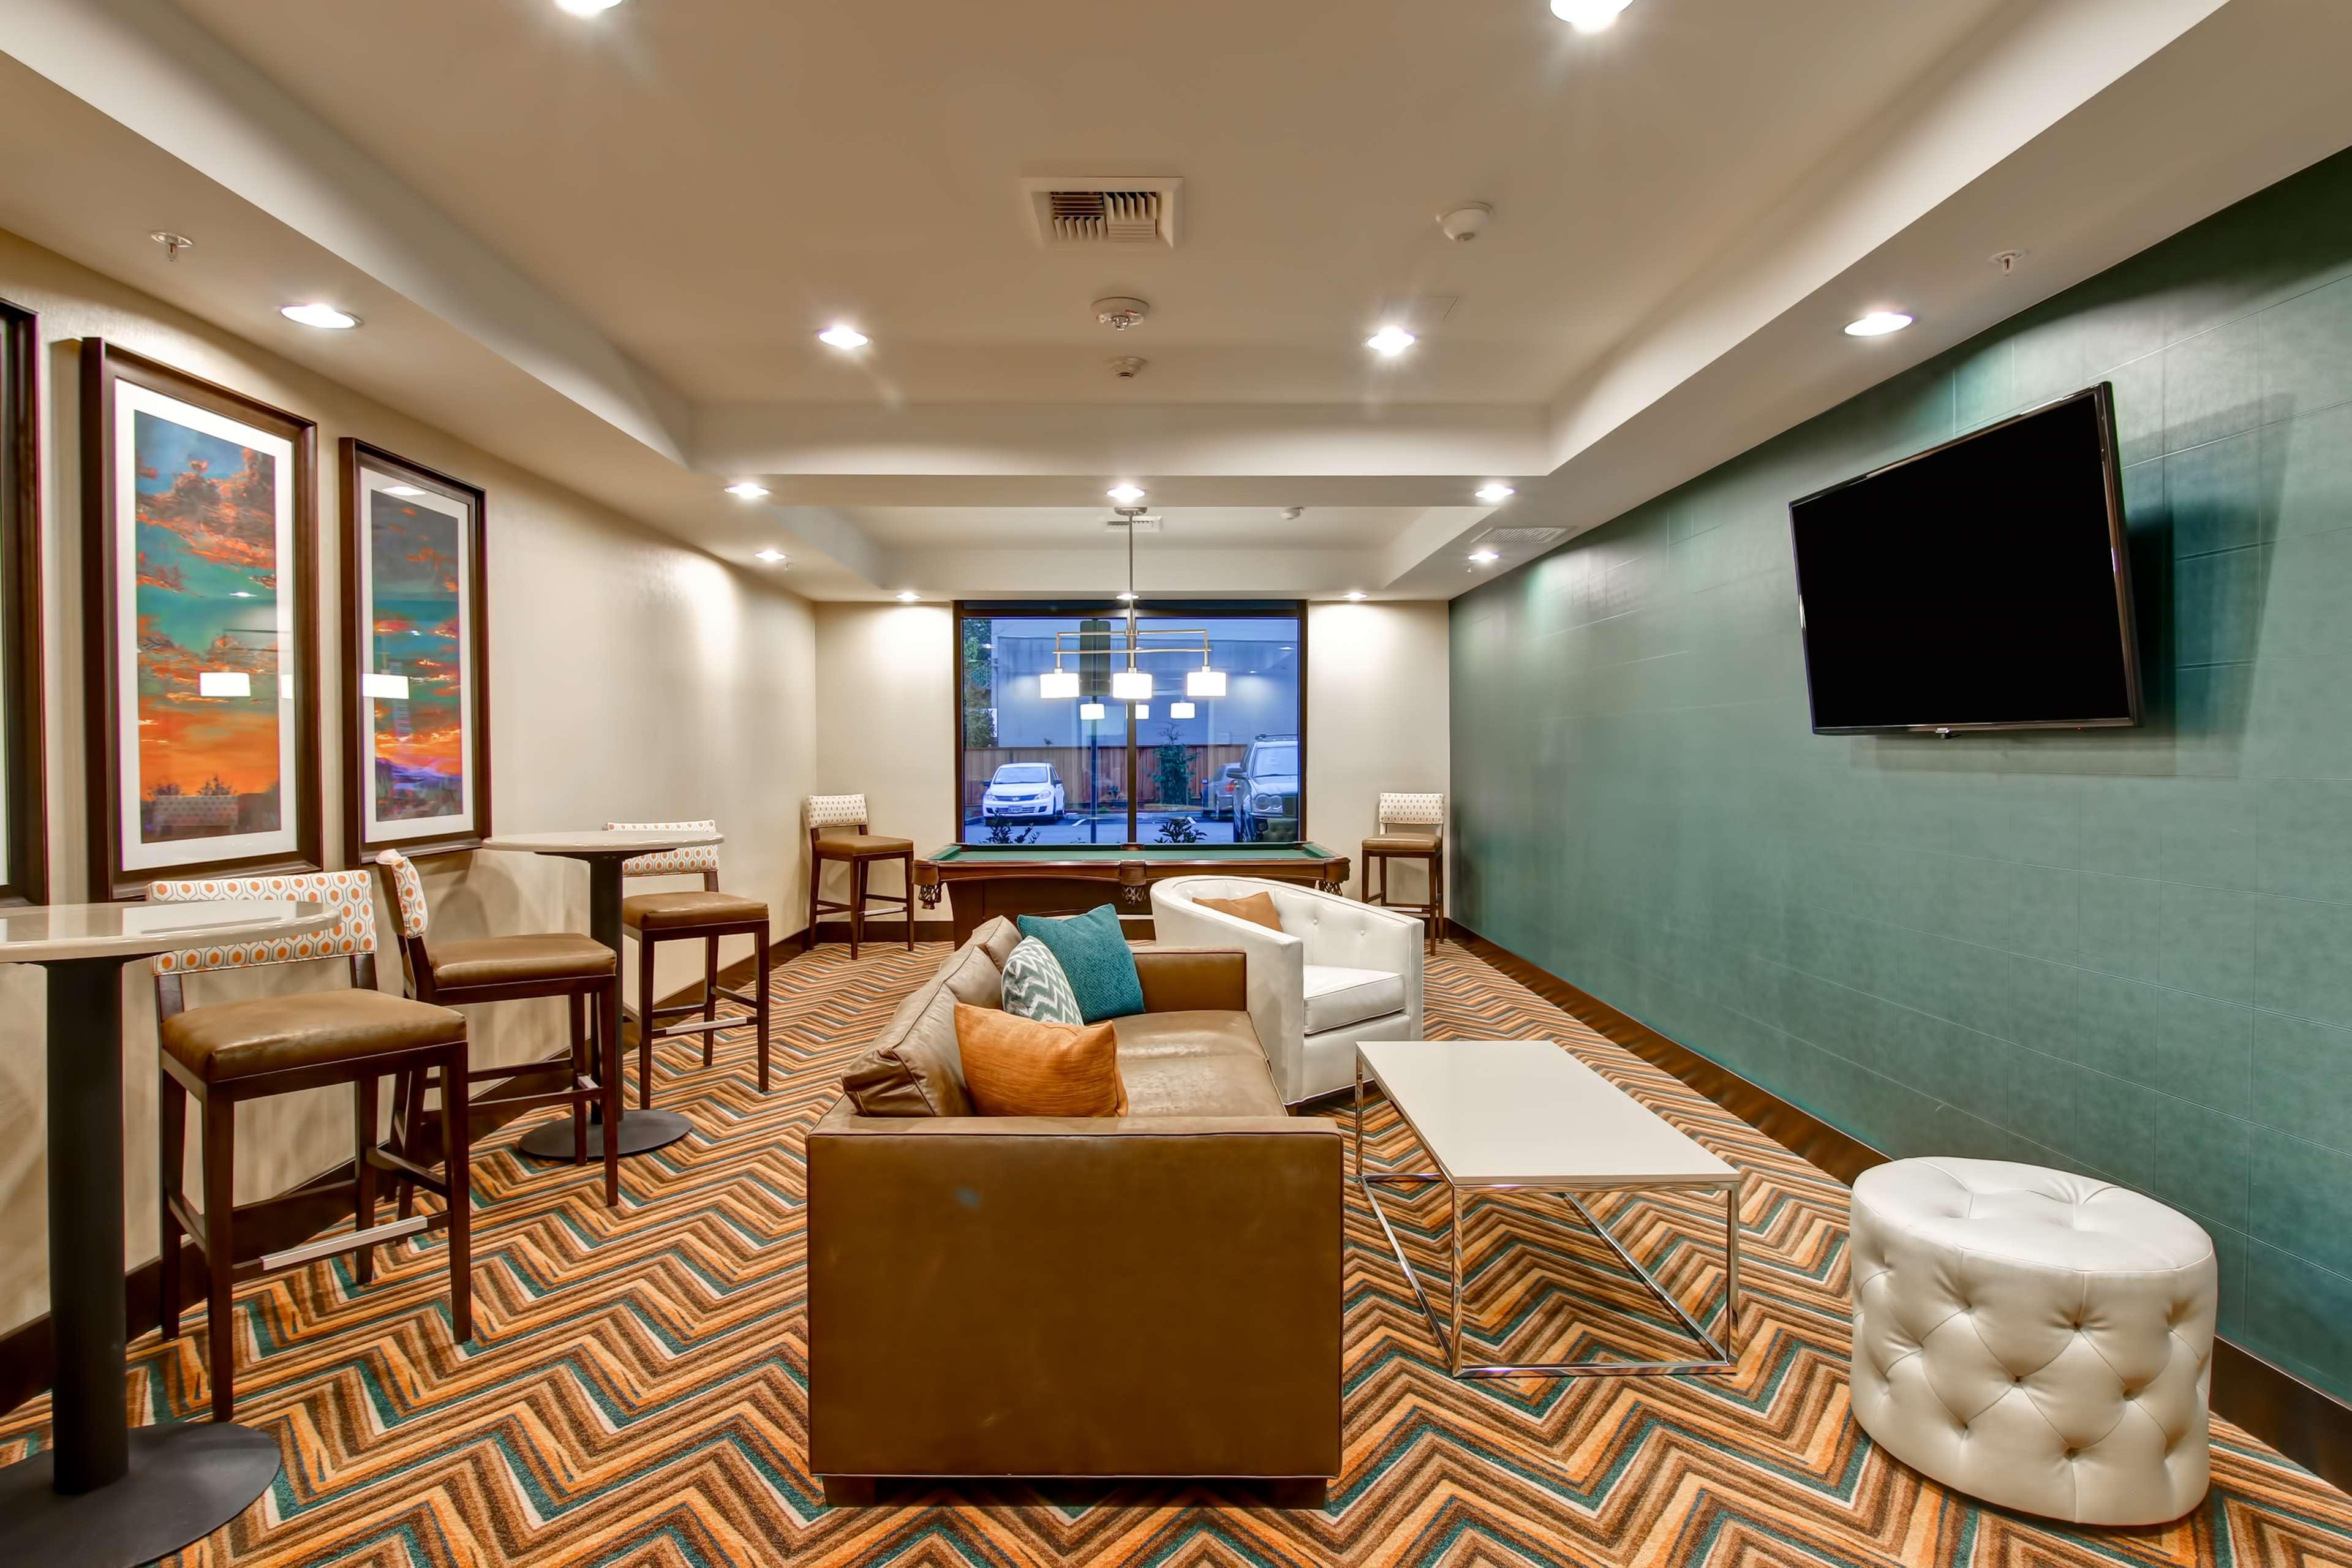 Homewood Suites by Hilton Palo Alto image 9